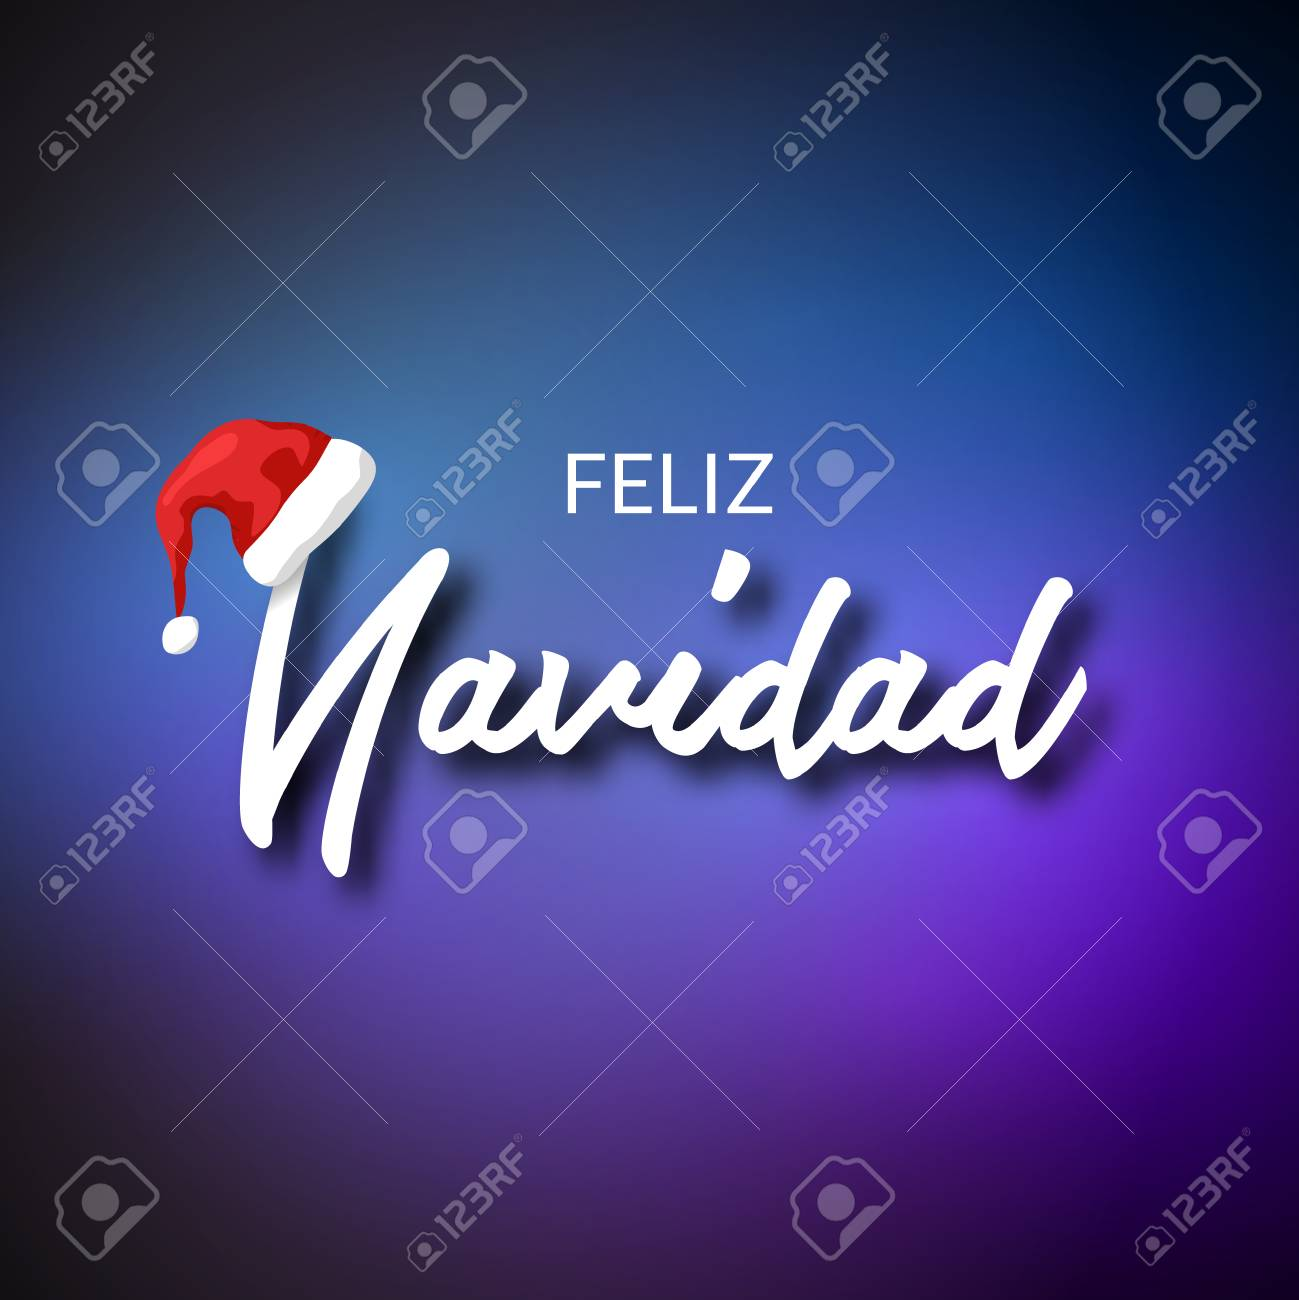 Feliz Navidad. Merry Christmas Card Template With Greetings In ...